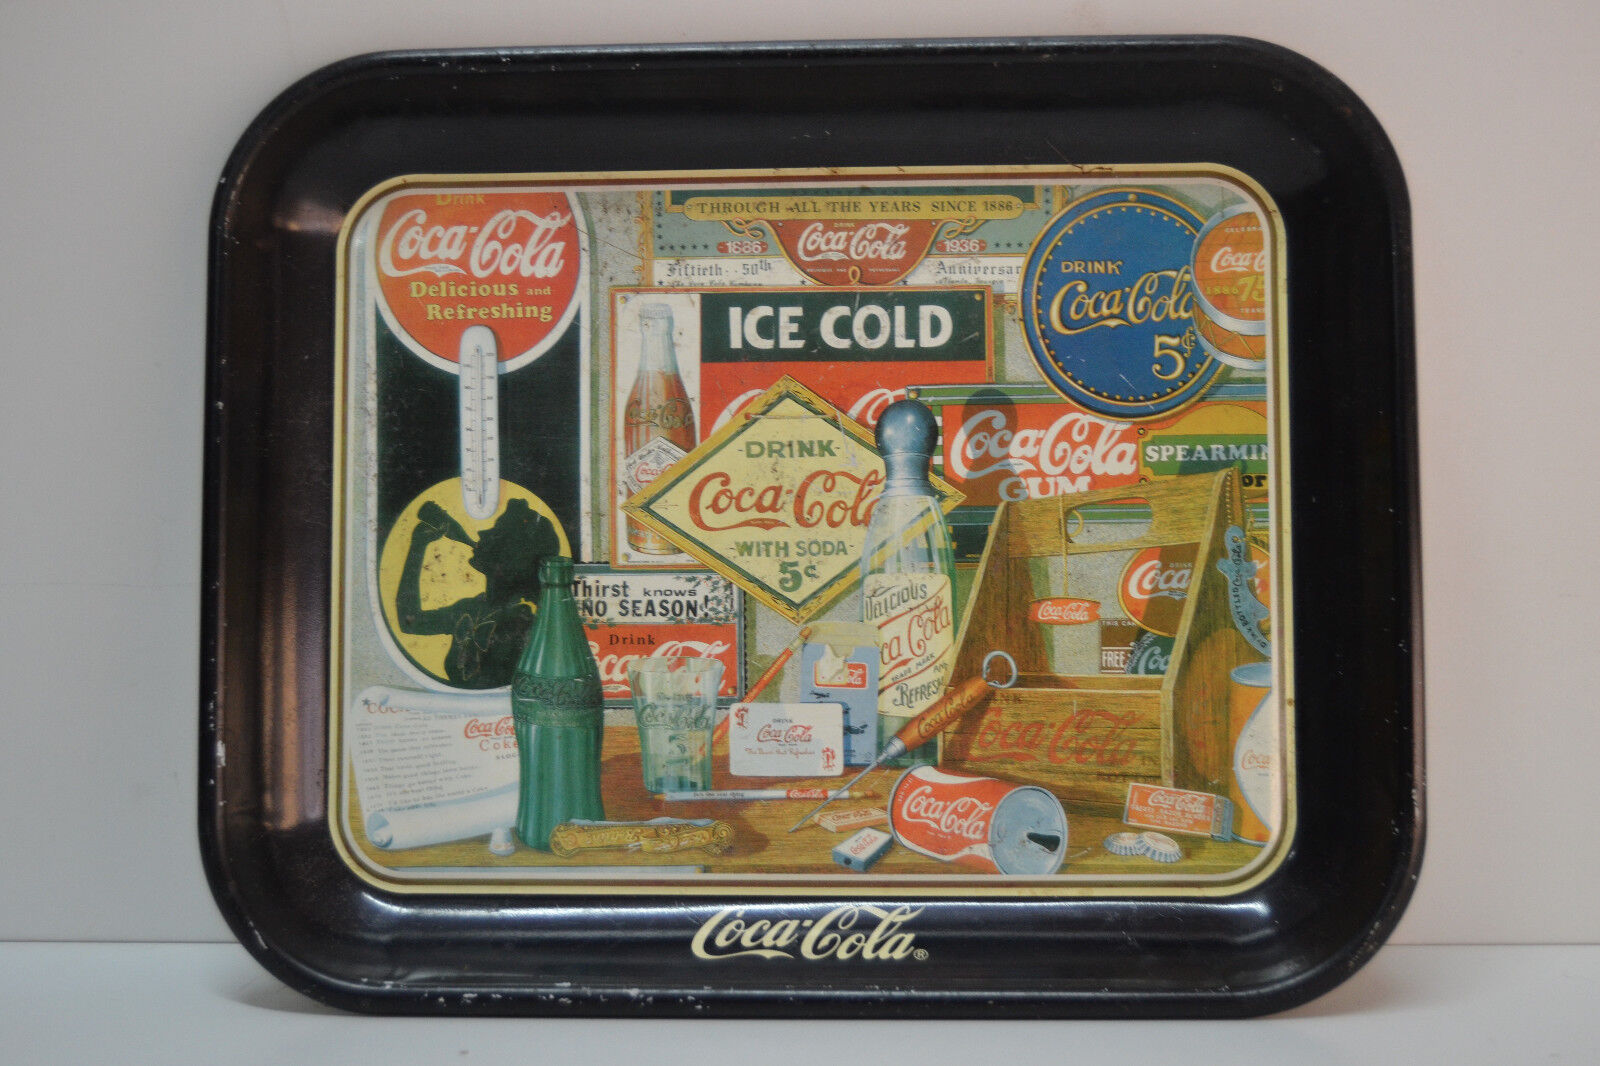 Bandeja Coca Cola Vintage - Through the years - 1985